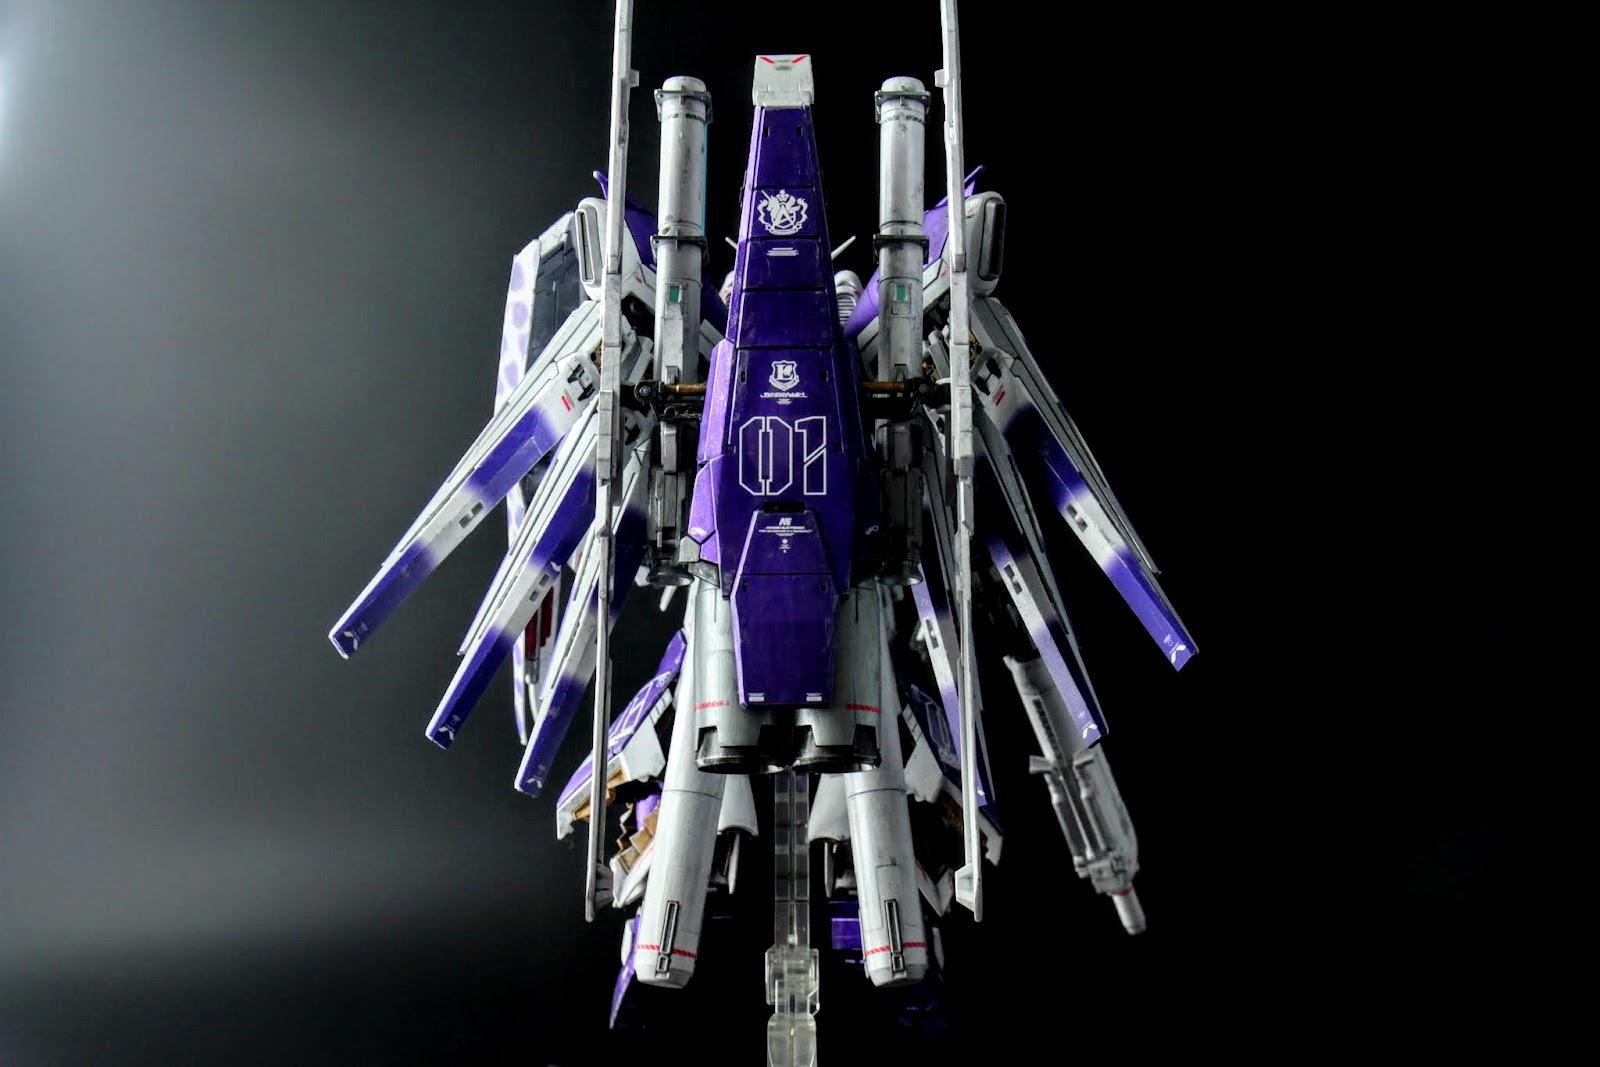 看背在後面這樣設定,我想盾的那兩個大管應該是推進器吧